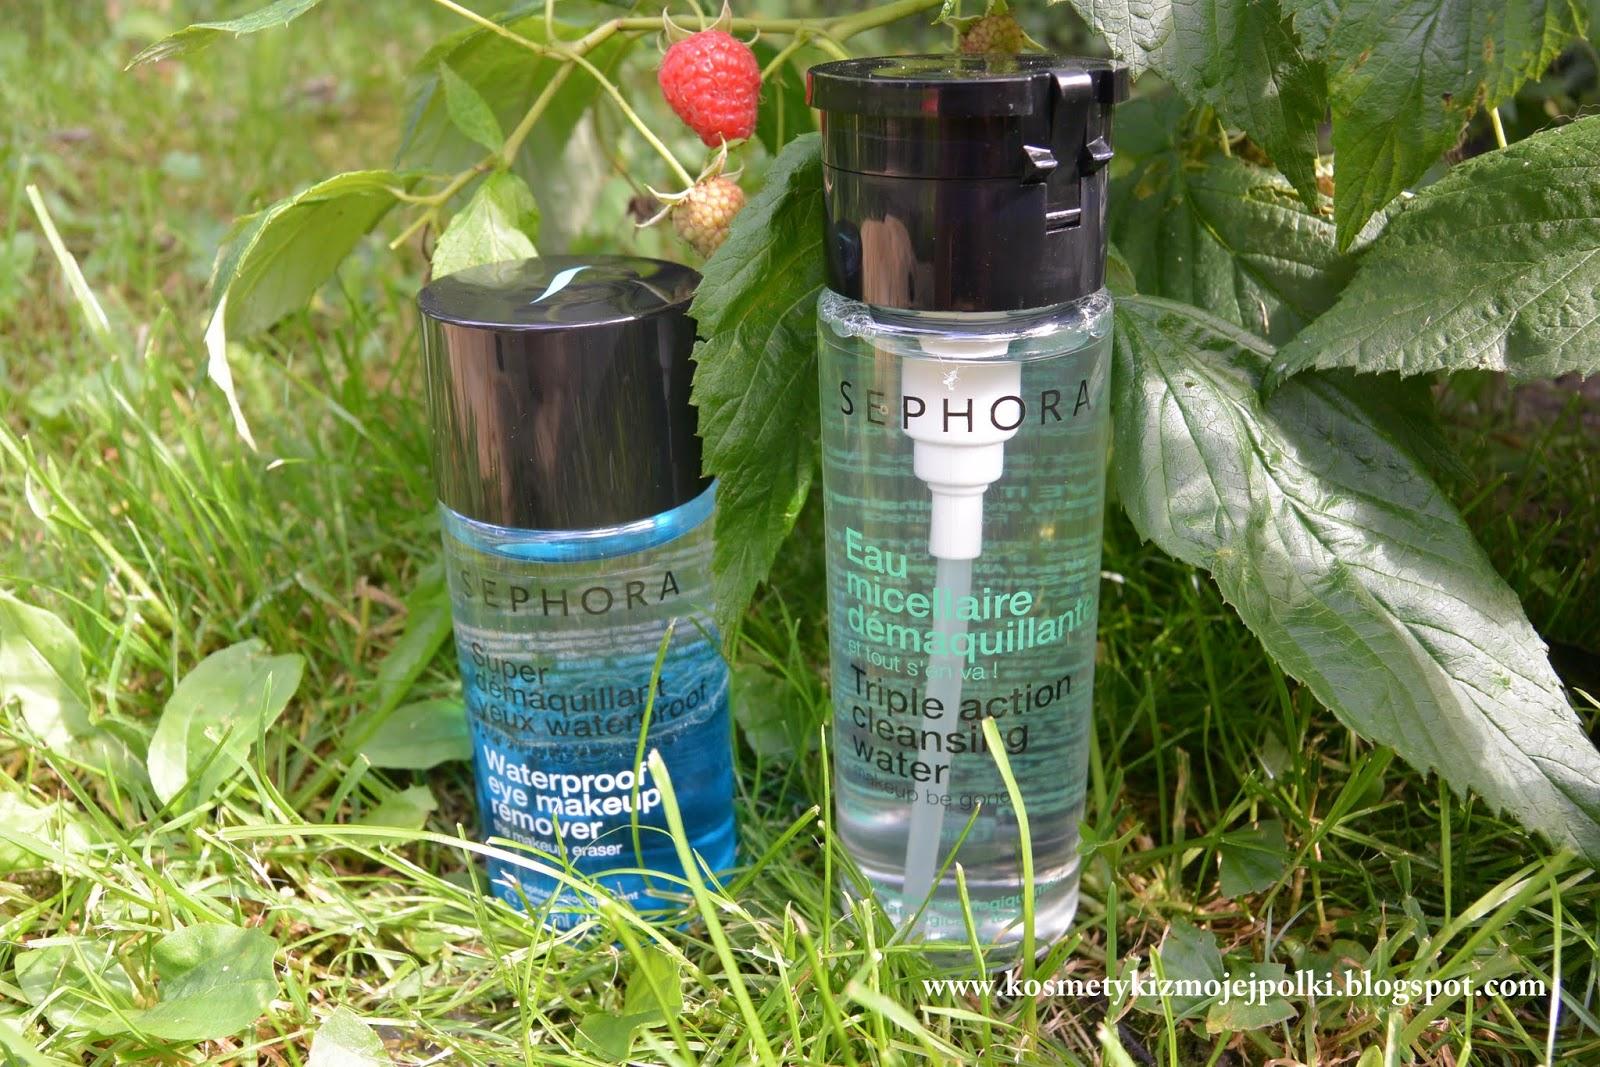 Demakijaż od SEPHORA – Triple action cleansing water & Waterproof eye makeup remover